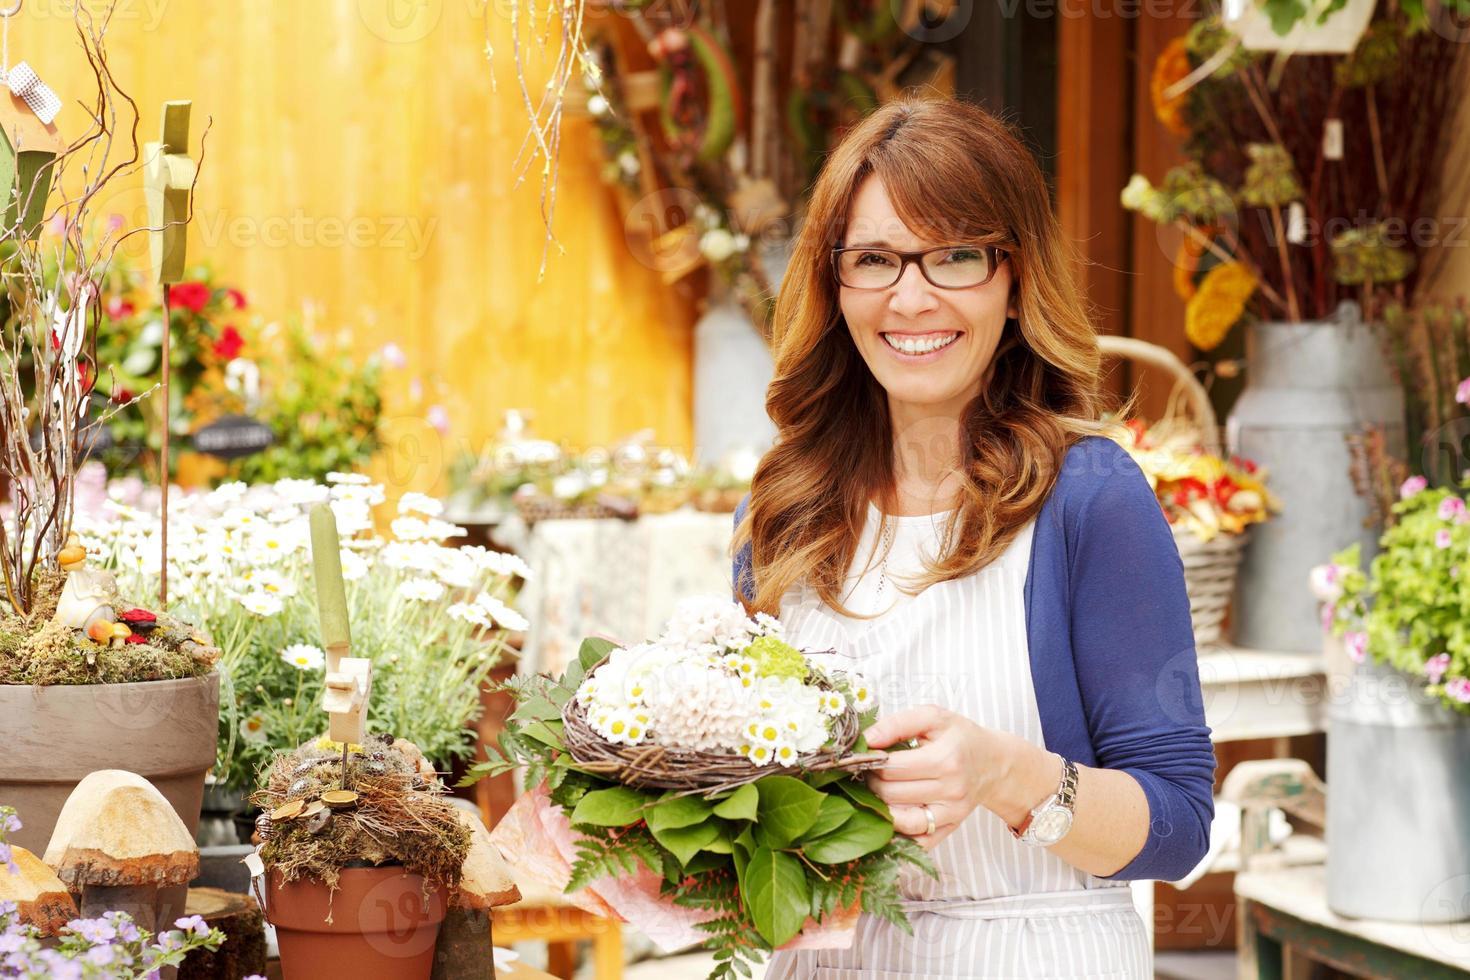 florista feminina pequena empresa proprietária de loja de flores foto